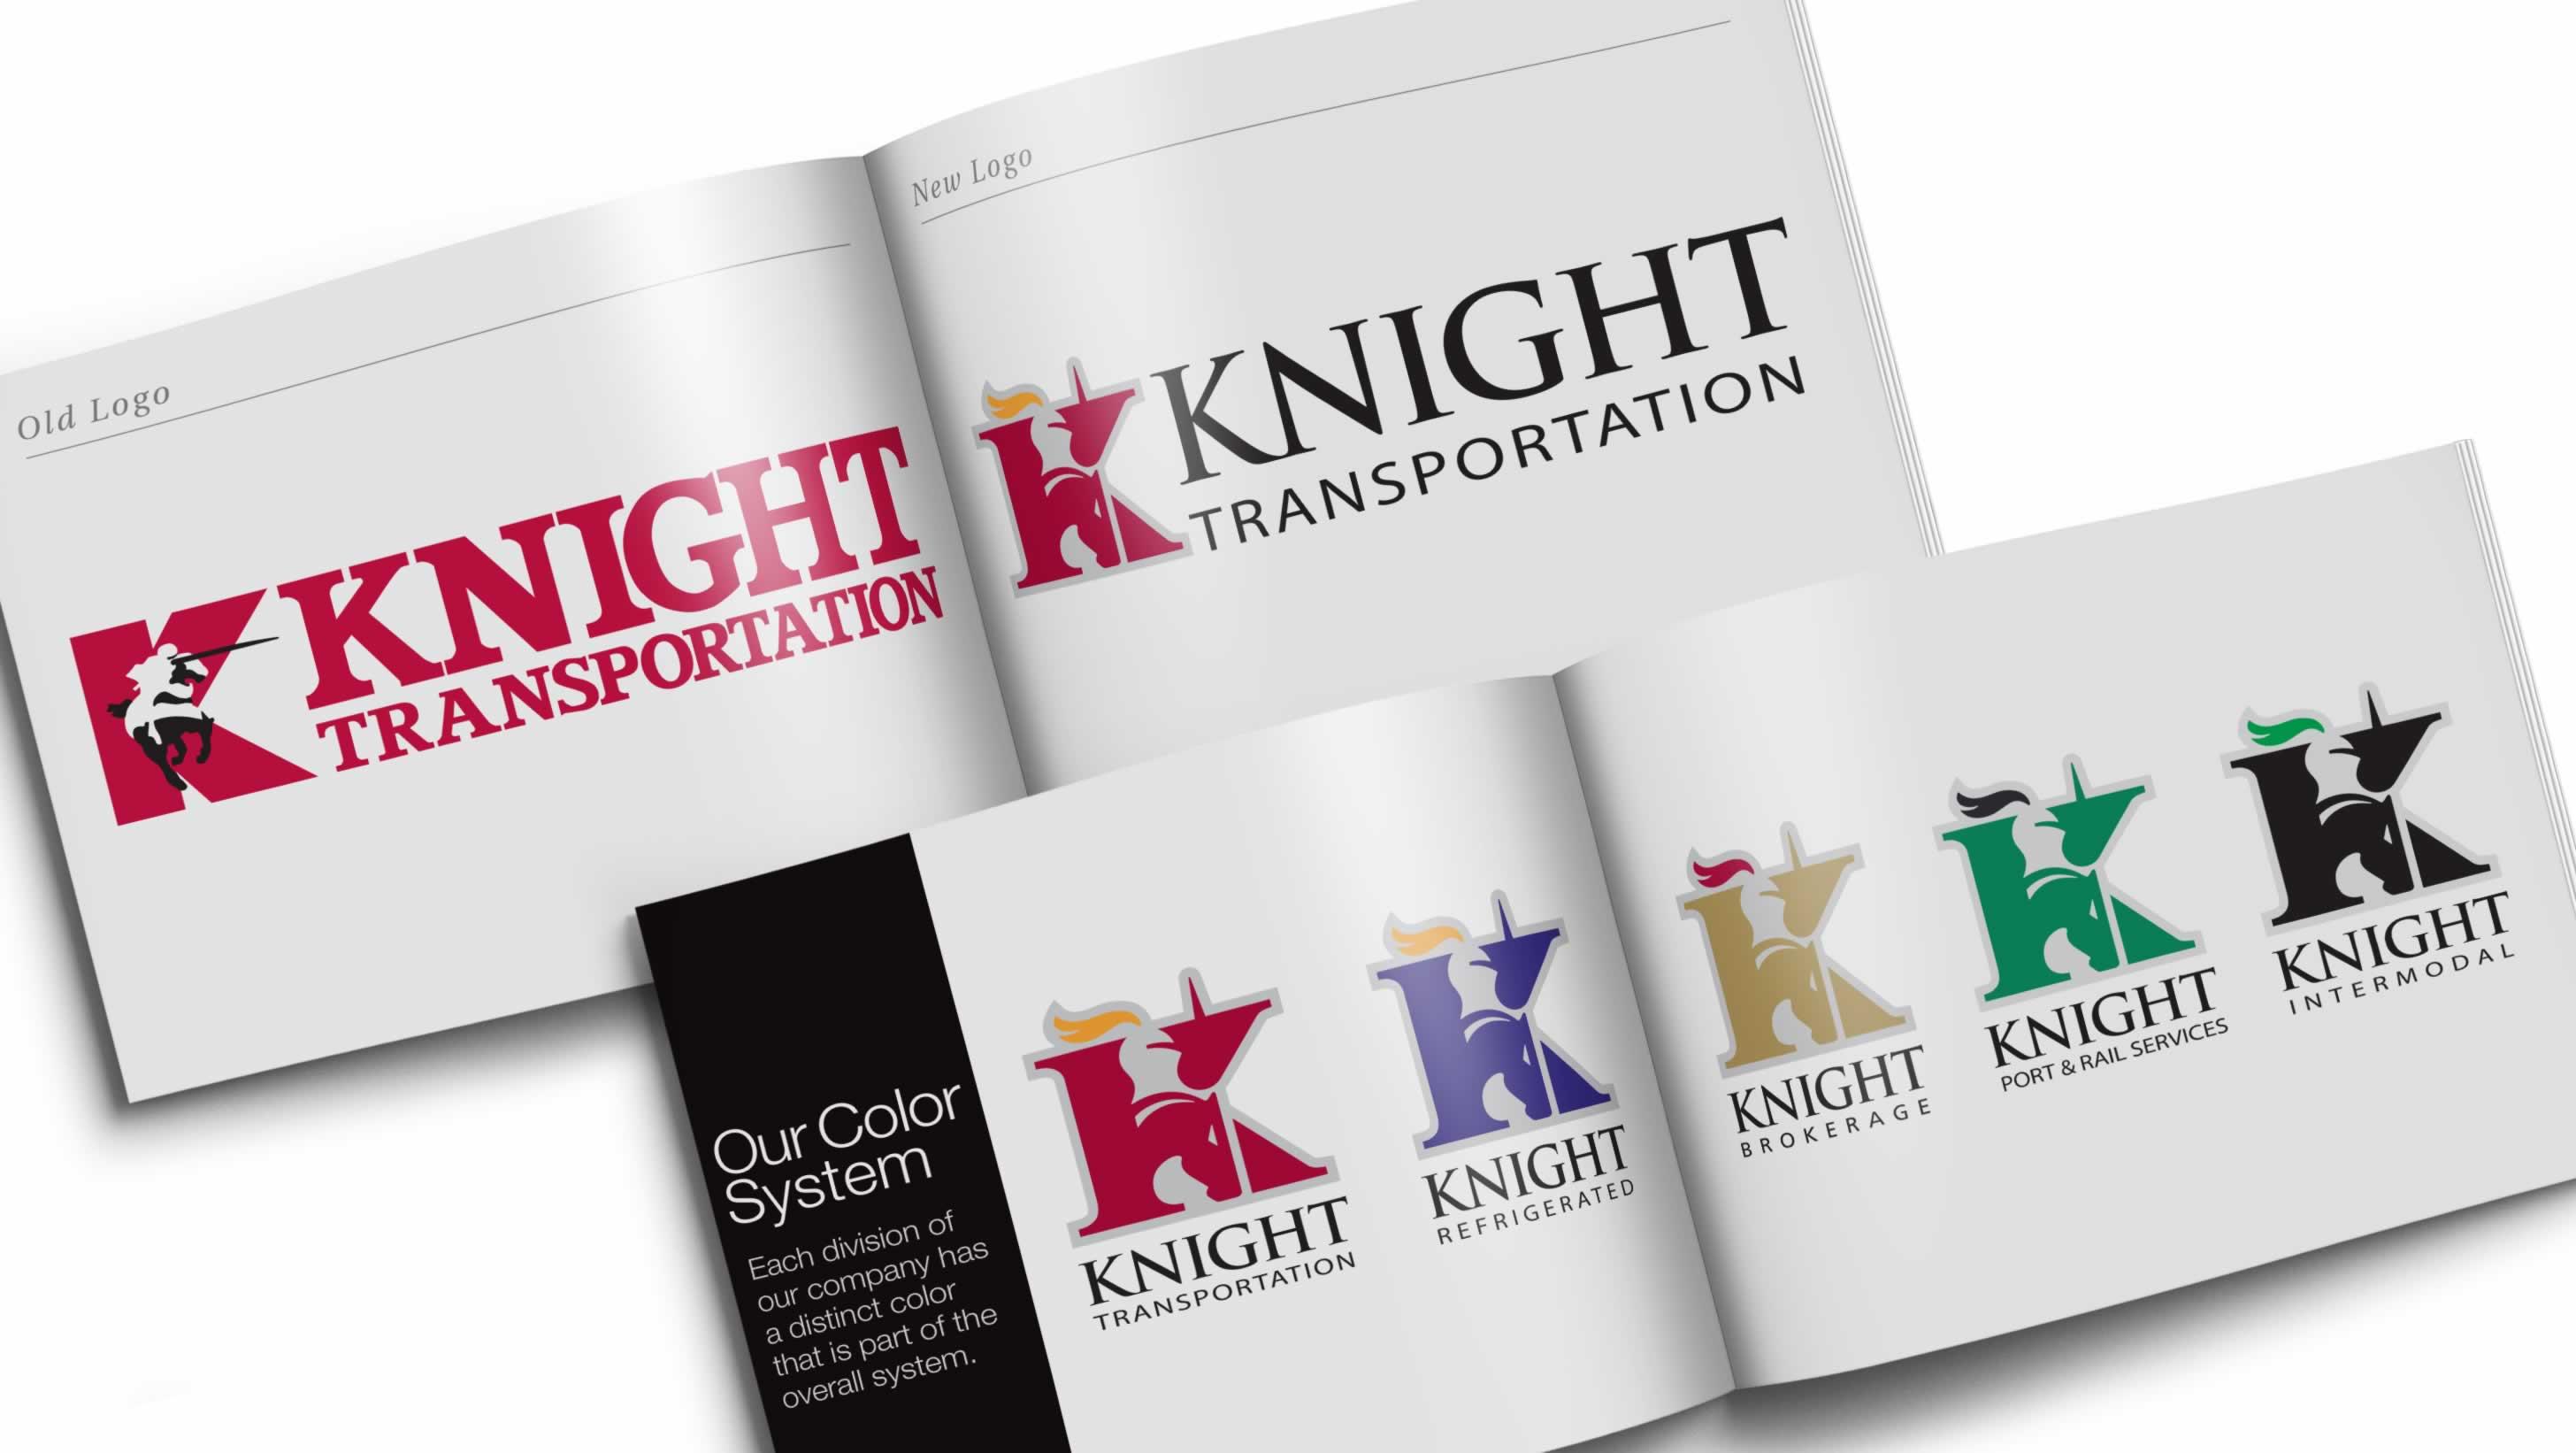 Knight Transportation Summation